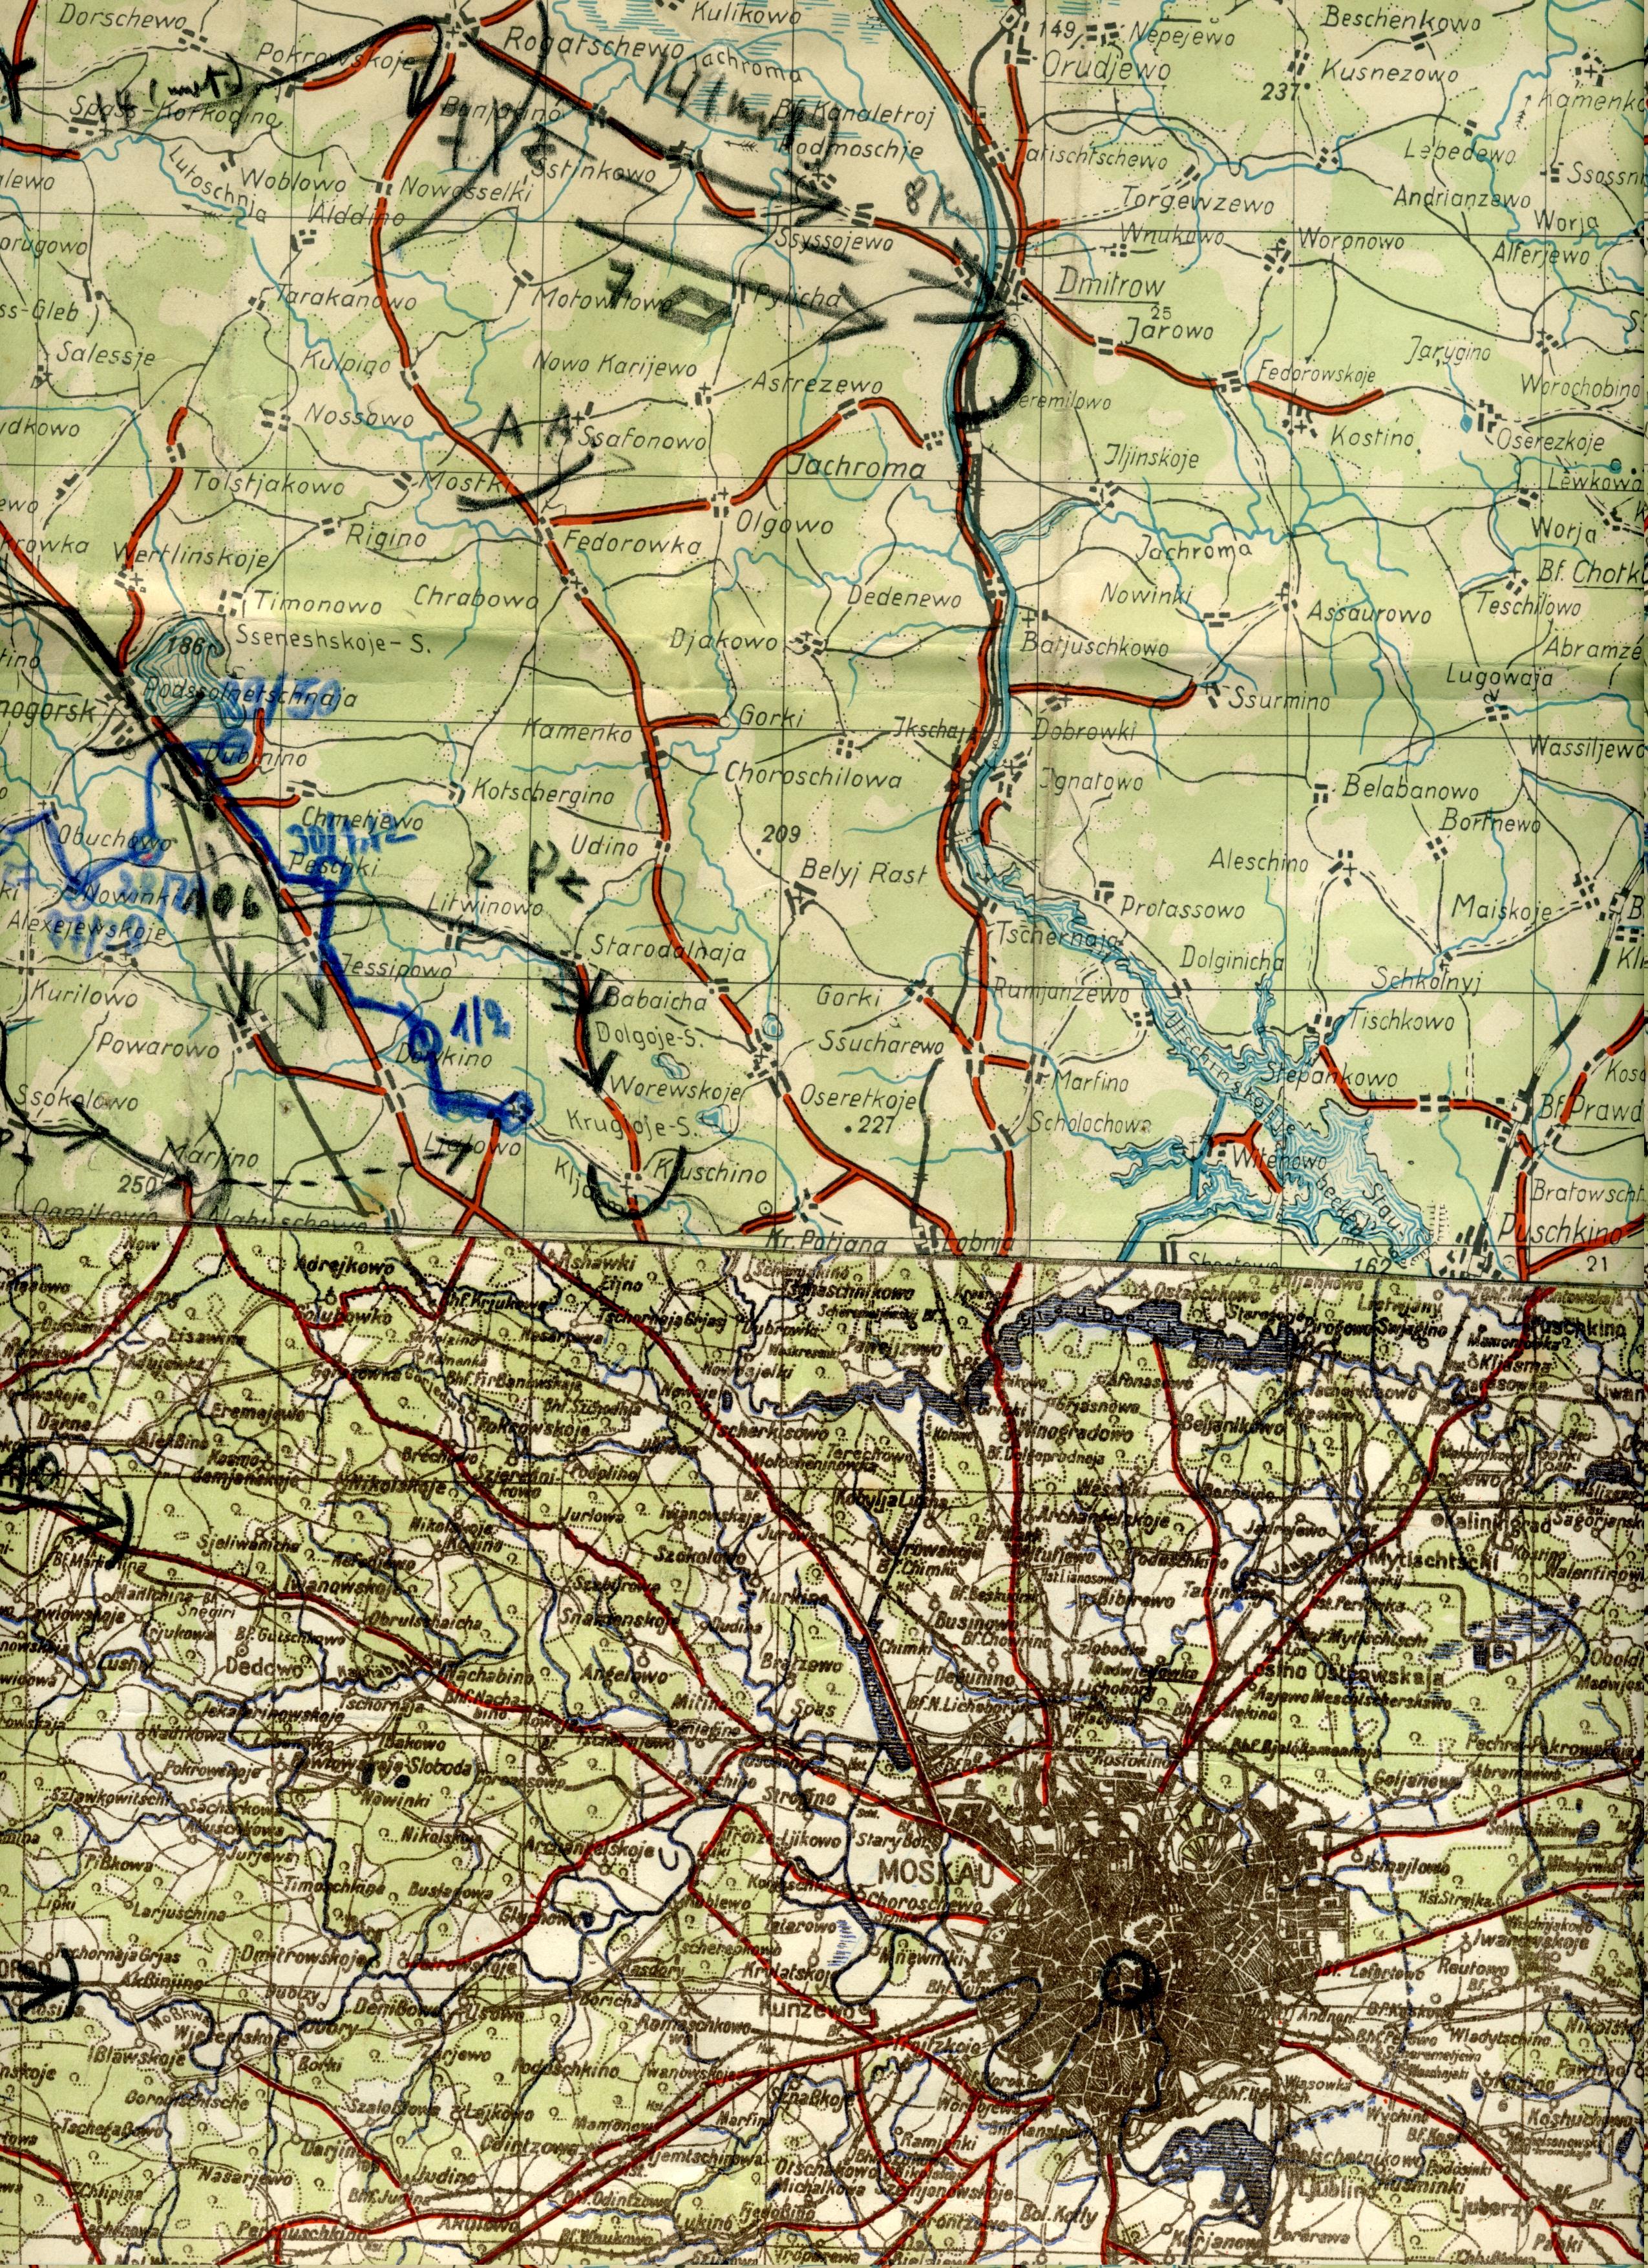 Hans von Luck and 7th Panzer reach Jachroma outside Moskau